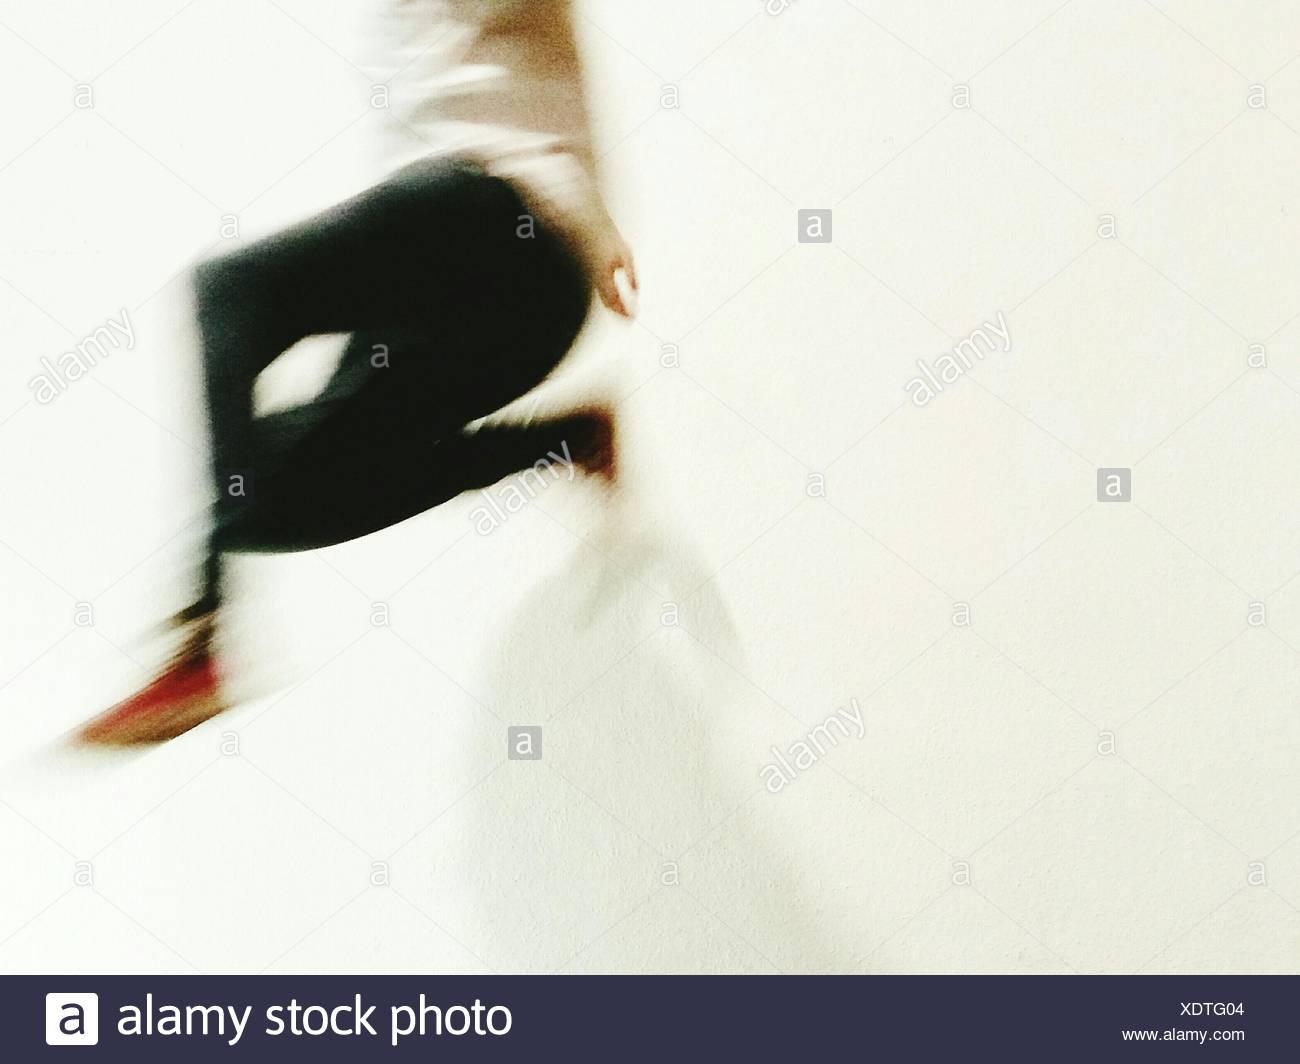 Verschwommenes Bild der Person springen vor weißem Hintergrund Stockbild